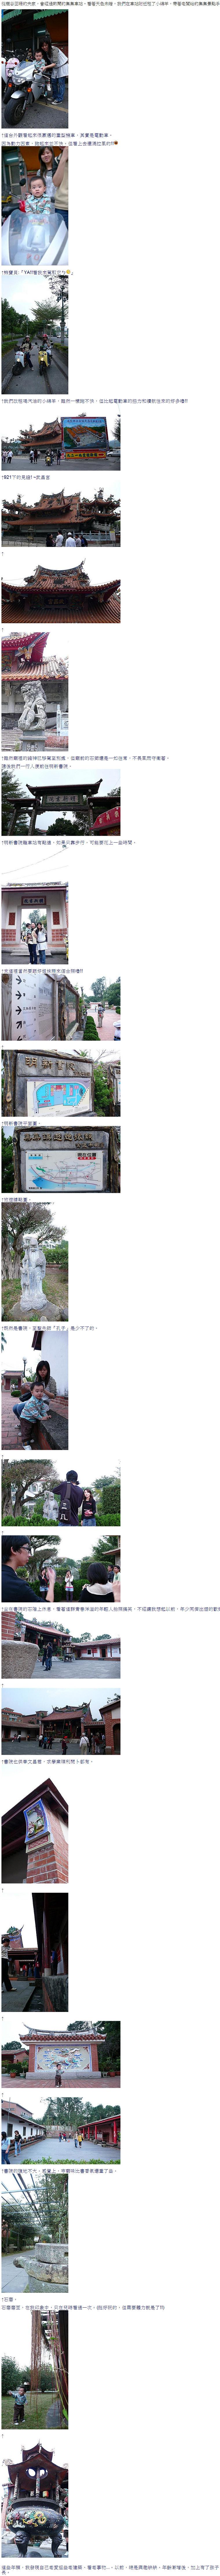 南投集集古蹟景點] 武昌宮 明新書院